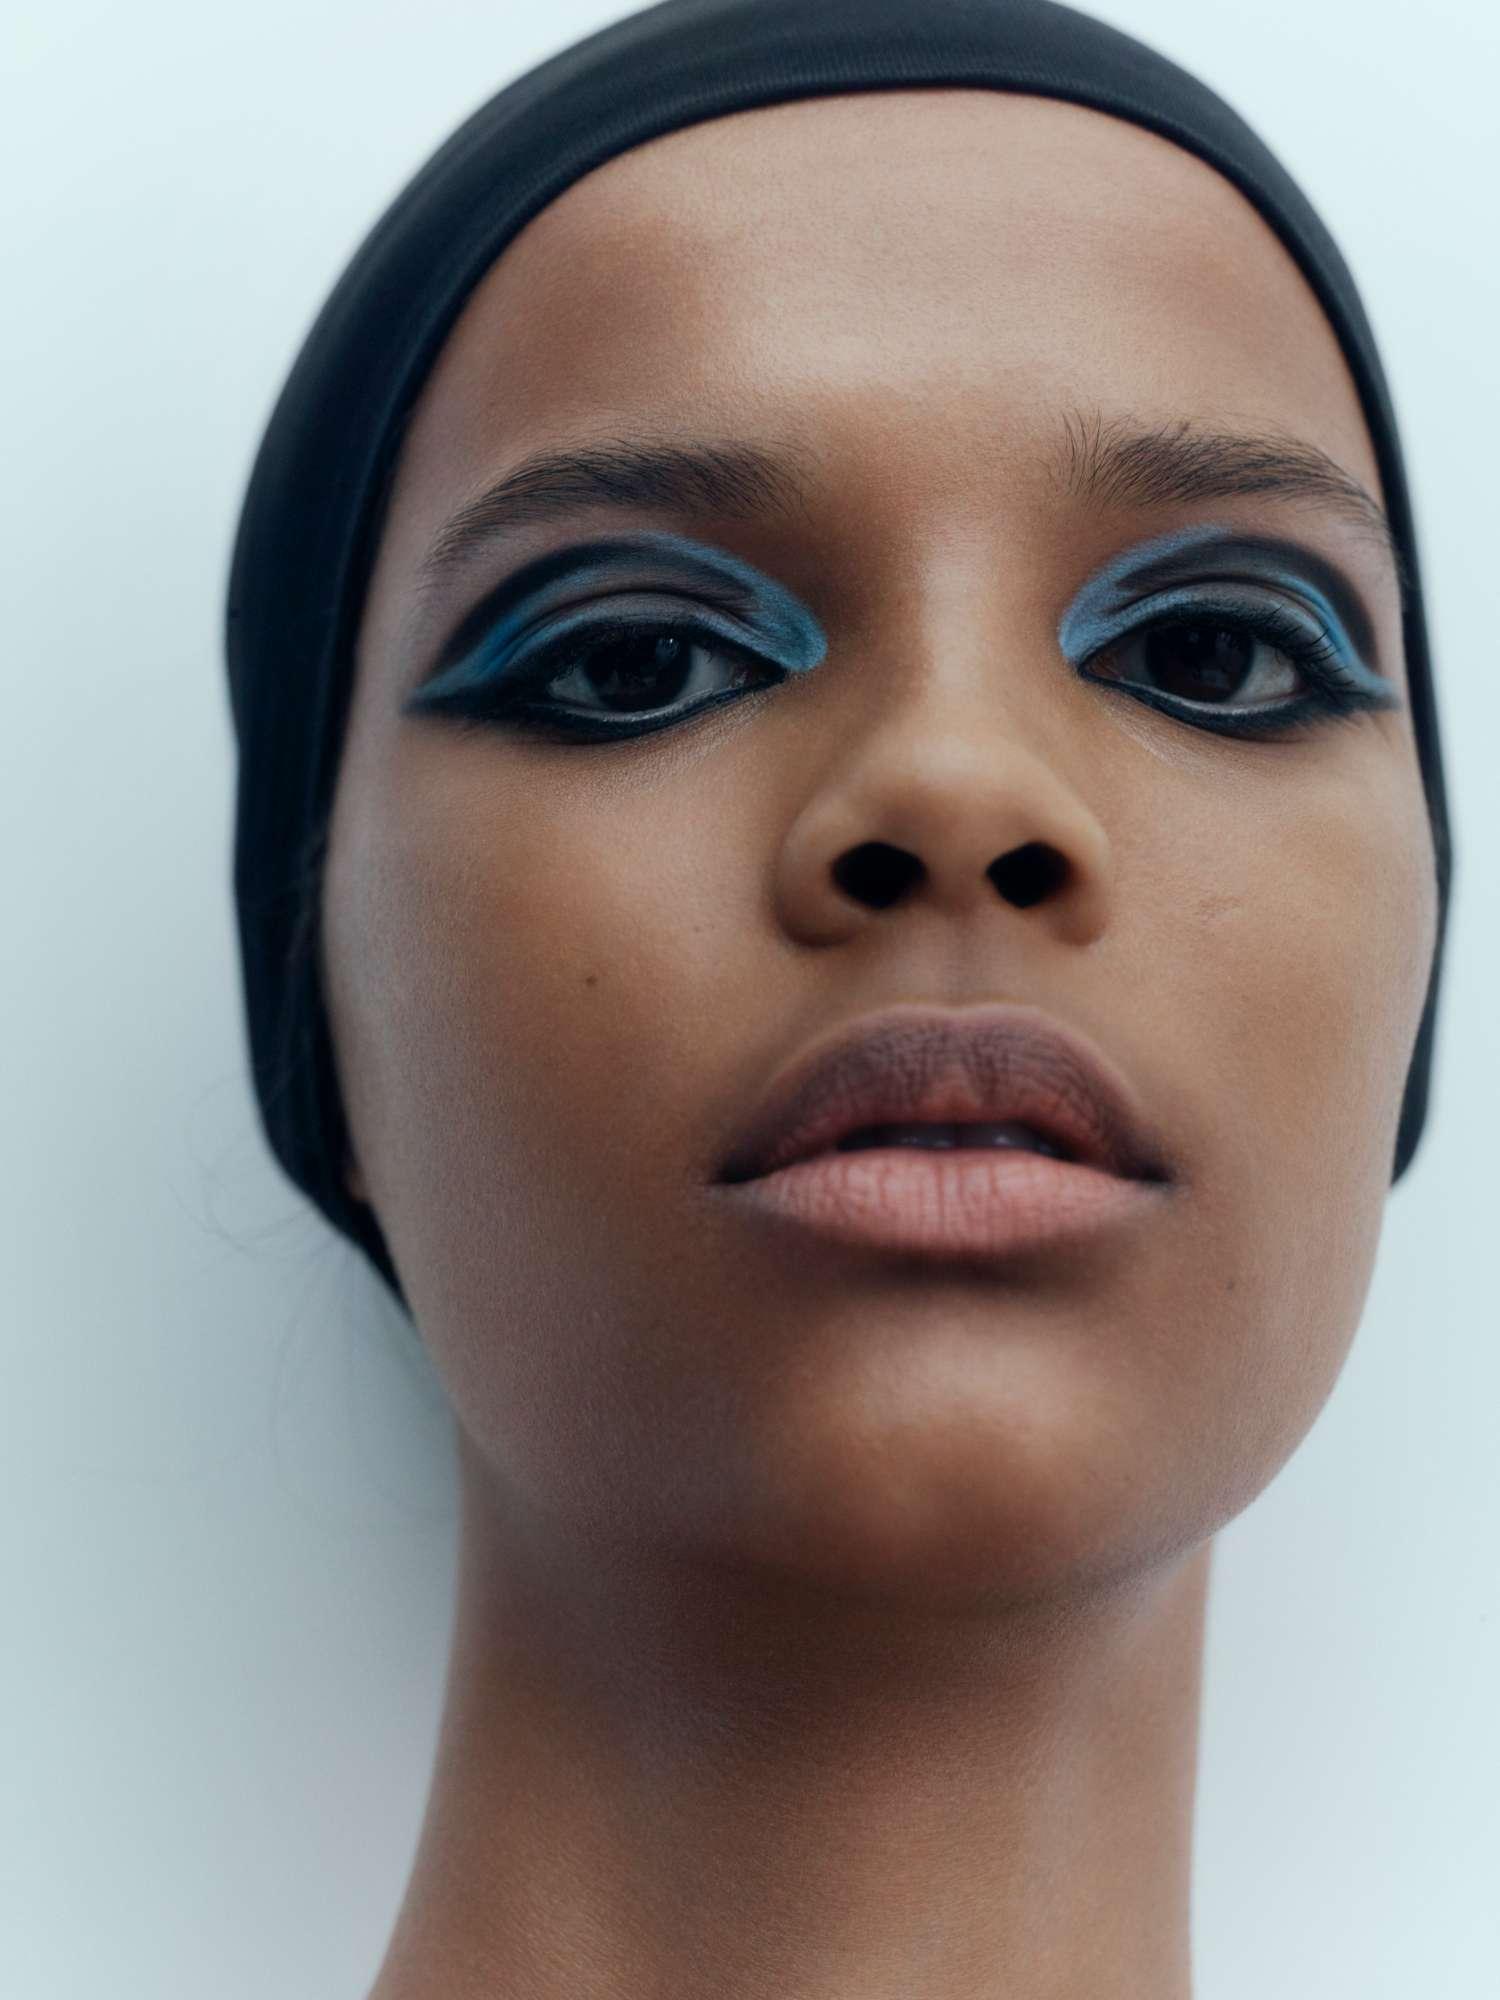 Makeup Artist Insider